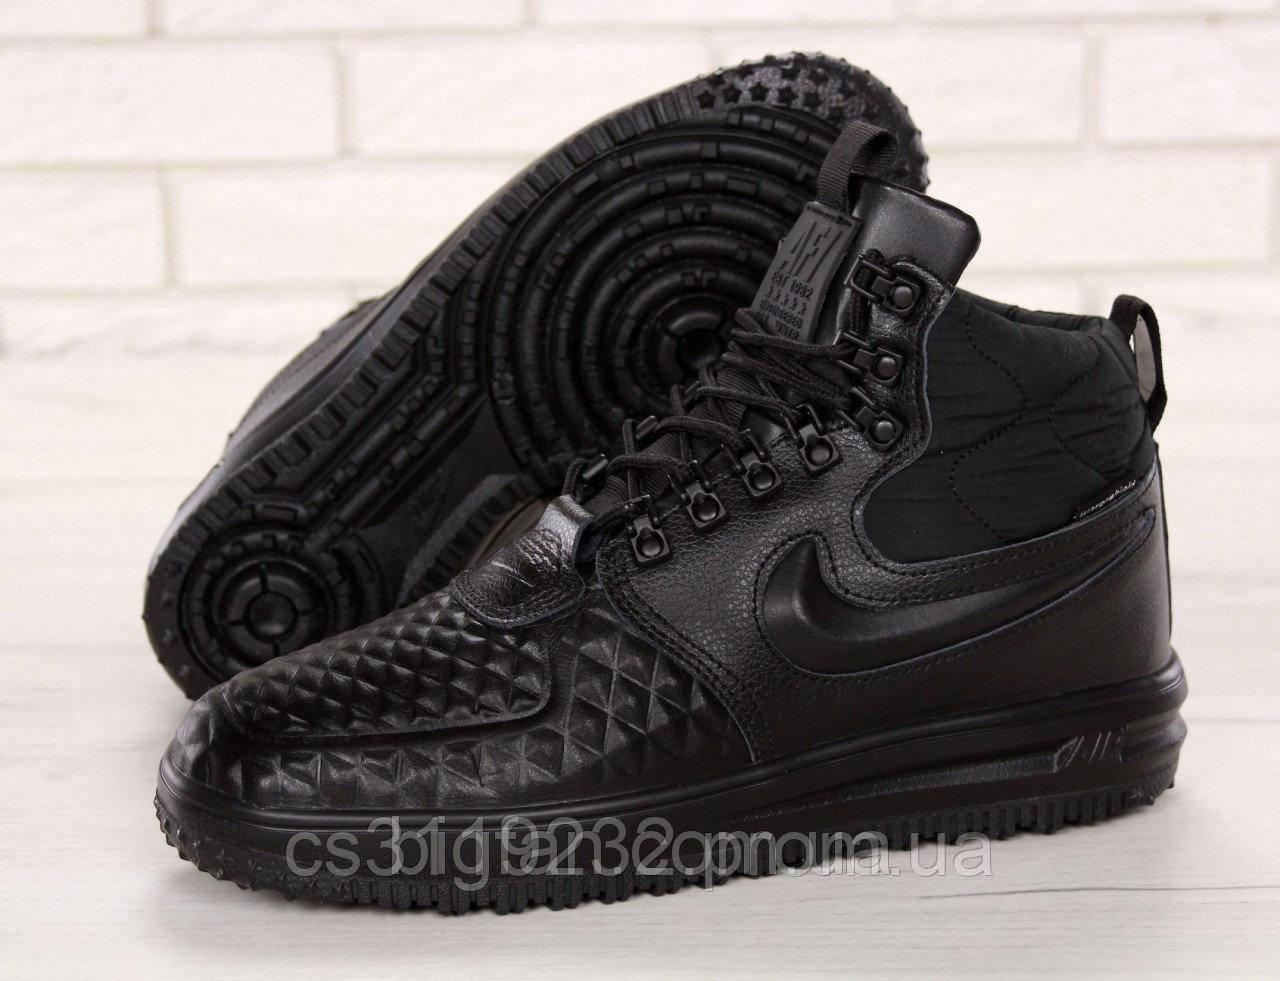 Мужские кроссовки Nike Lunar Force 1 Duckboot 17 (черные)